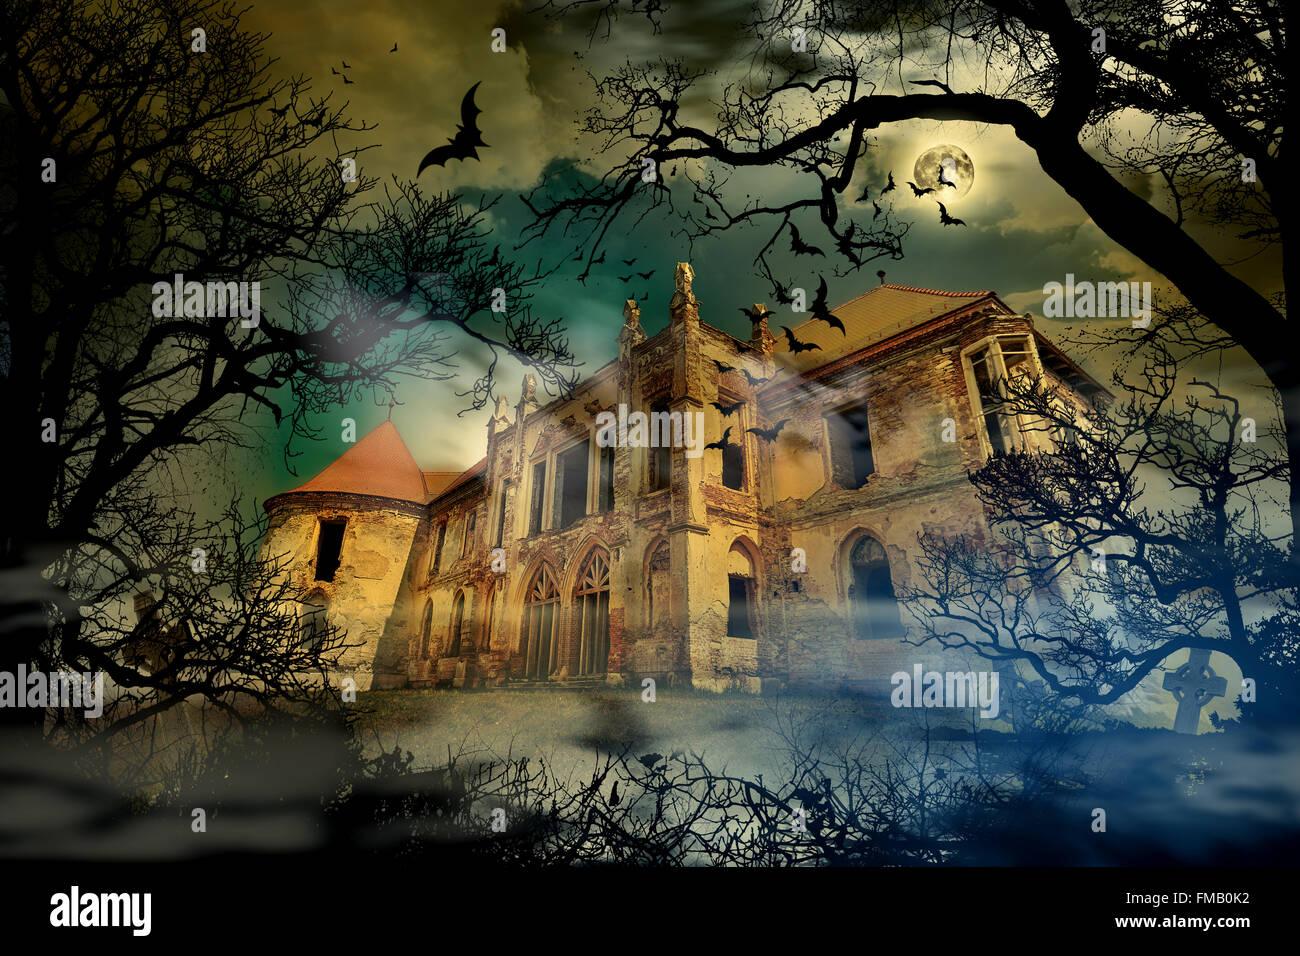 Haunted Castle en creepy Fondo nubloso con siluetas de árbol. Imagen De Stock